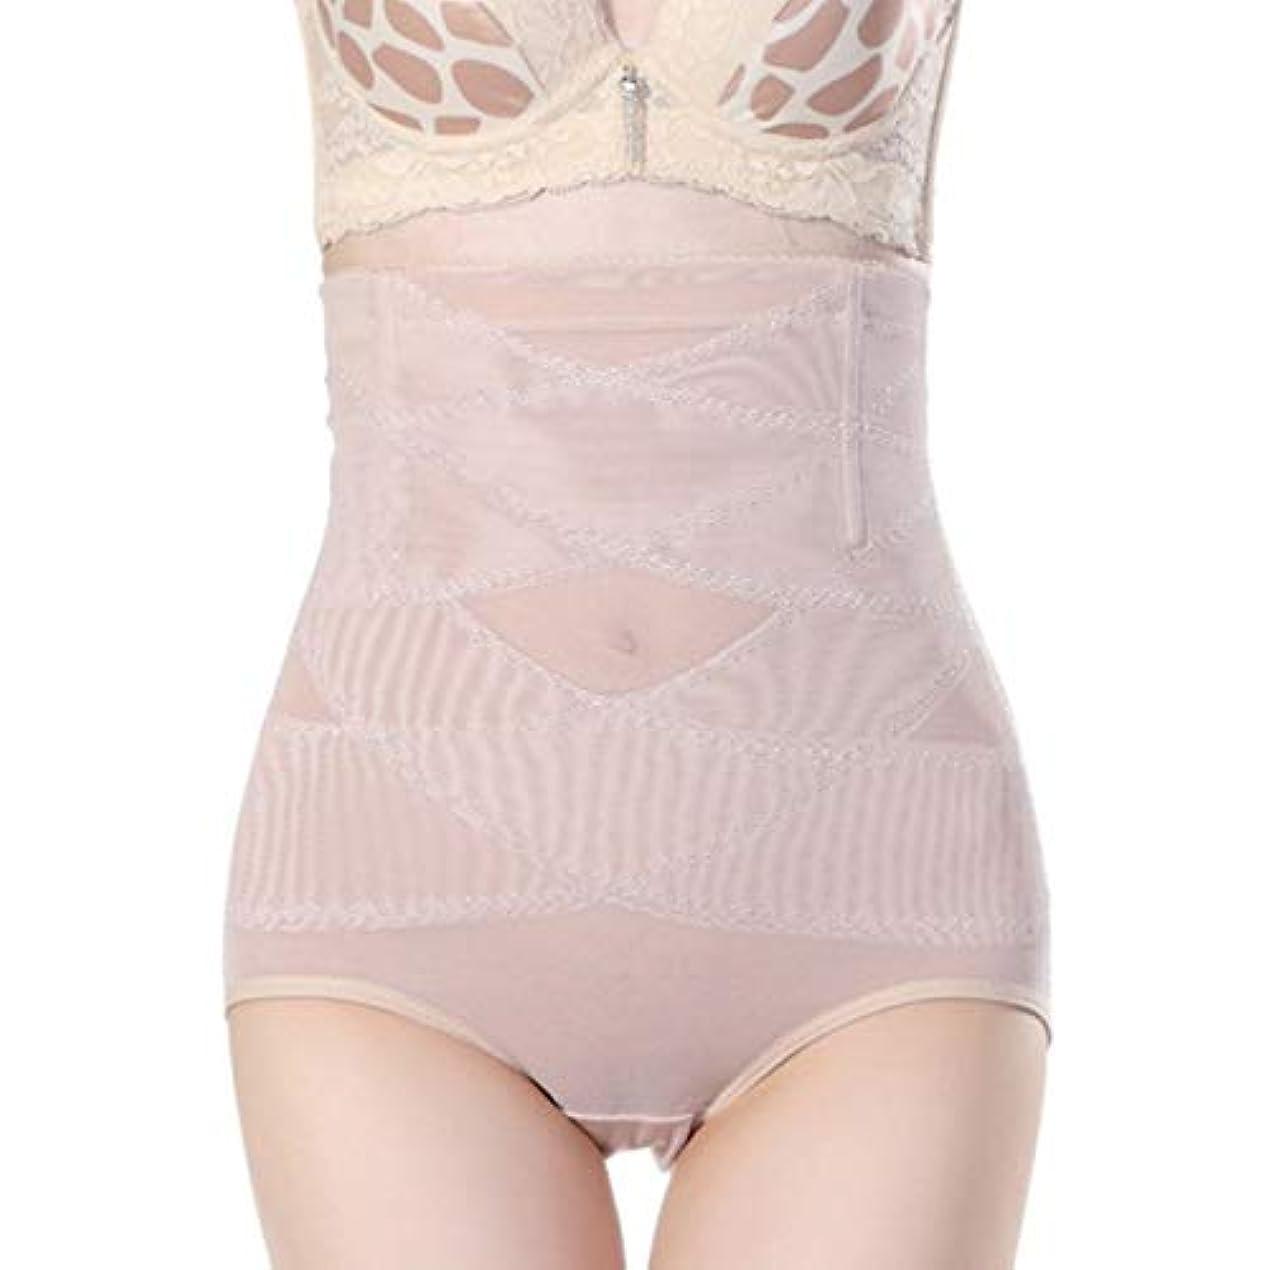 シャーロックホームズ雄大な放置腹部制御下着シームレスおなかコントロールパンティーバットリフターボディシェイパーを痩身通気性のハイウエストの女性 - 肌色2 XL